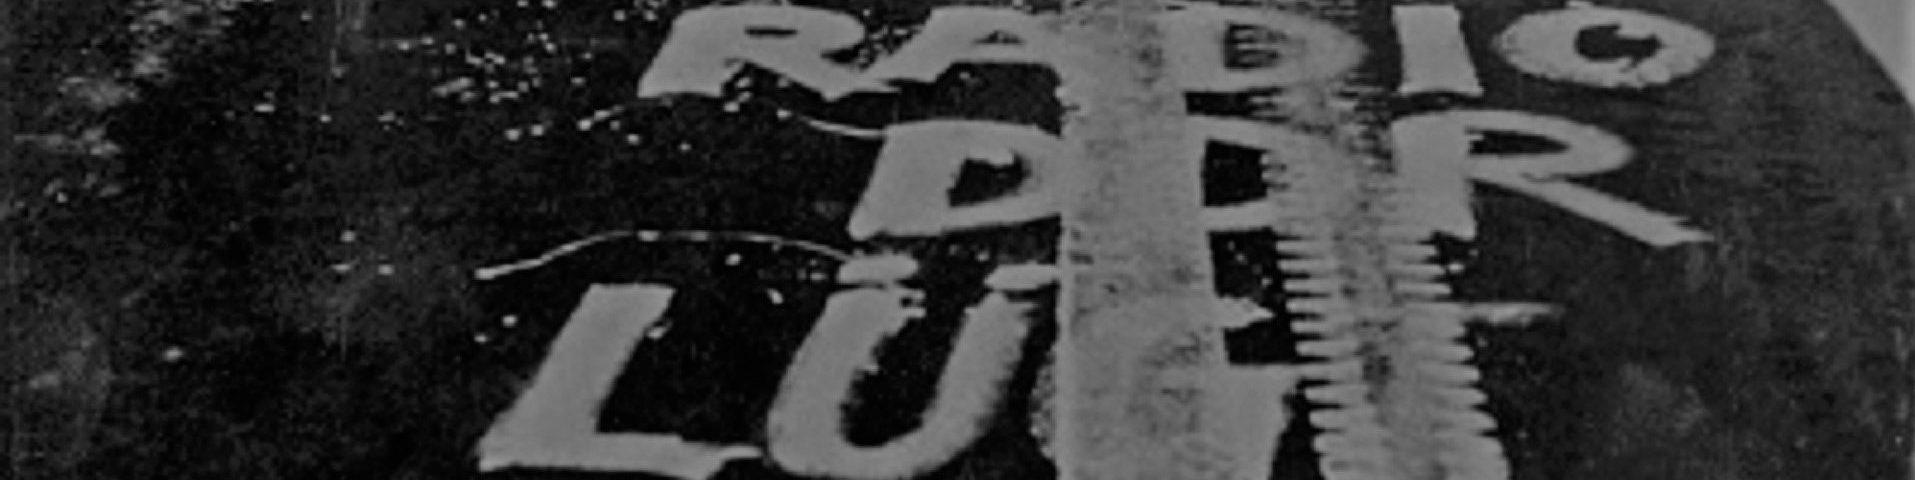 Aufbruch und Protest | 1968 in Prag, Ostberlin, Leipzig und Dresden